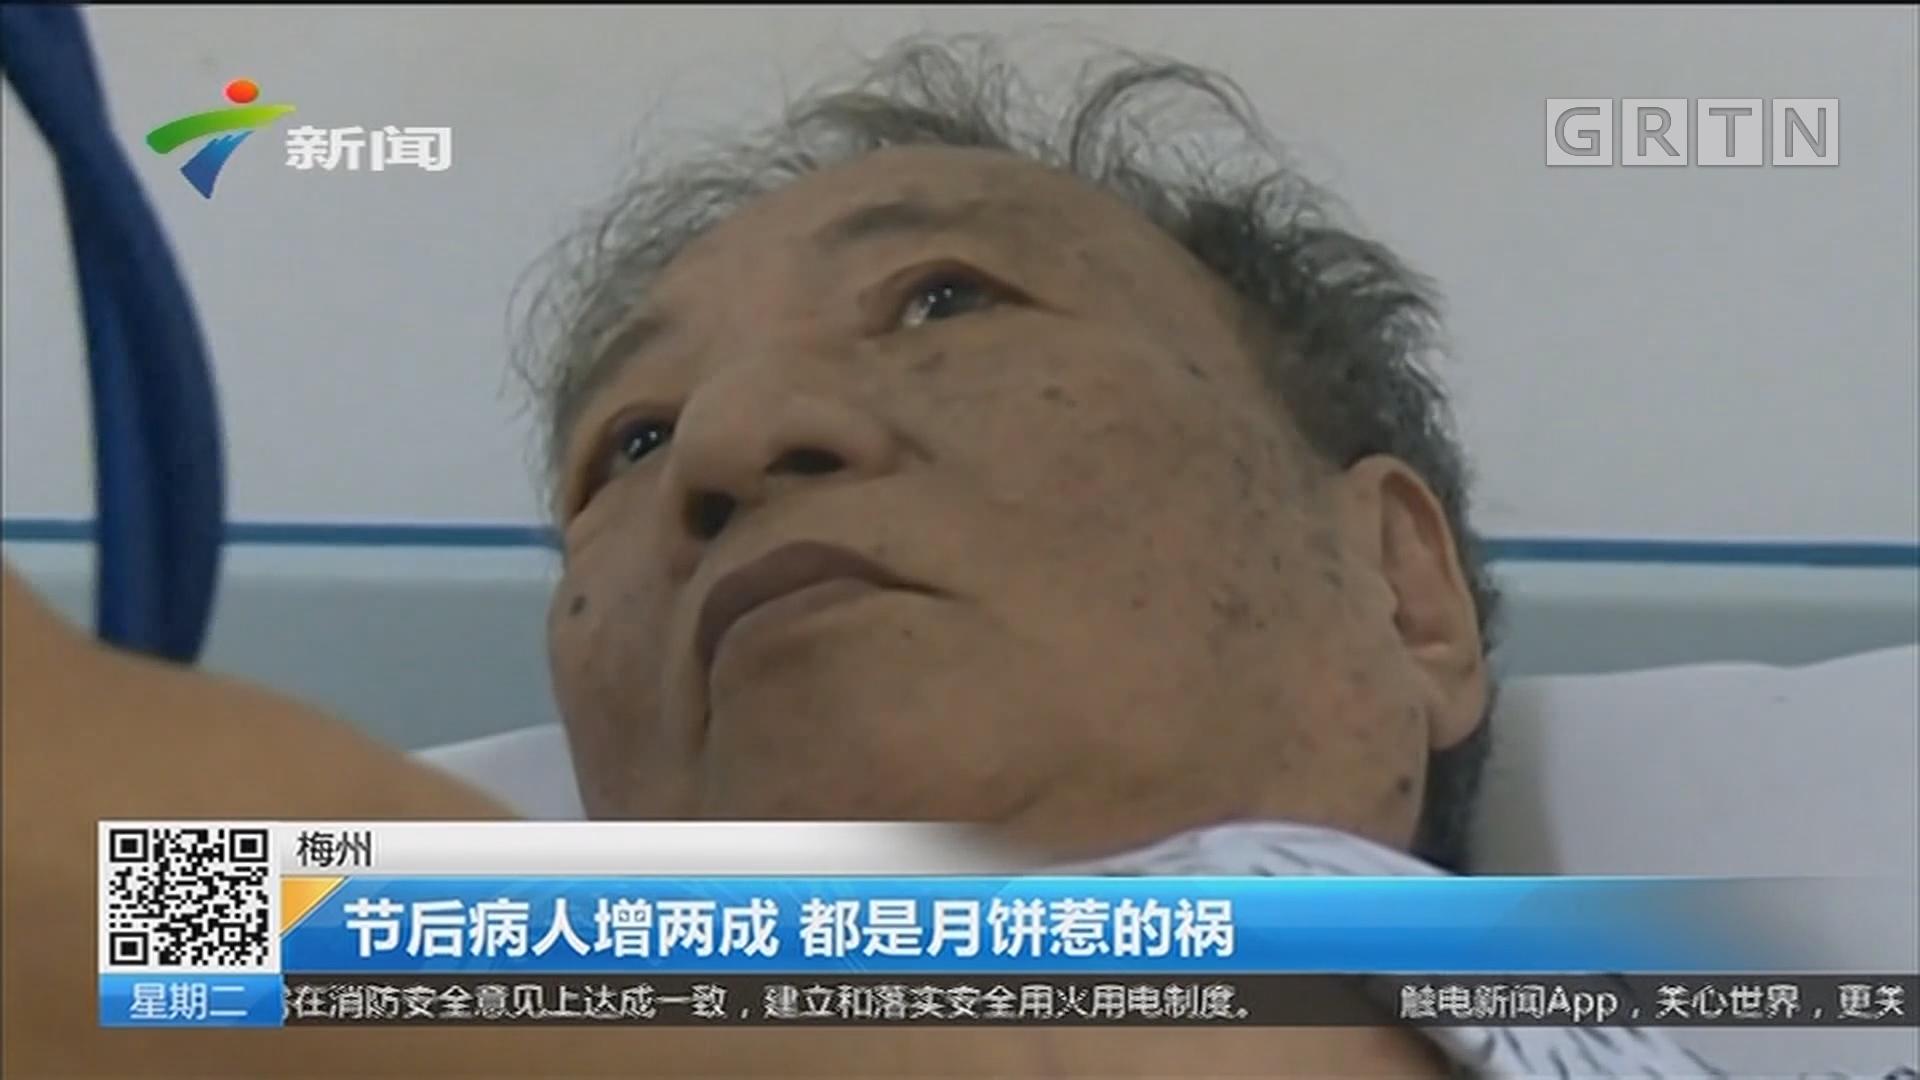 梅州:节后病人增两成 都是月饼惹的祸